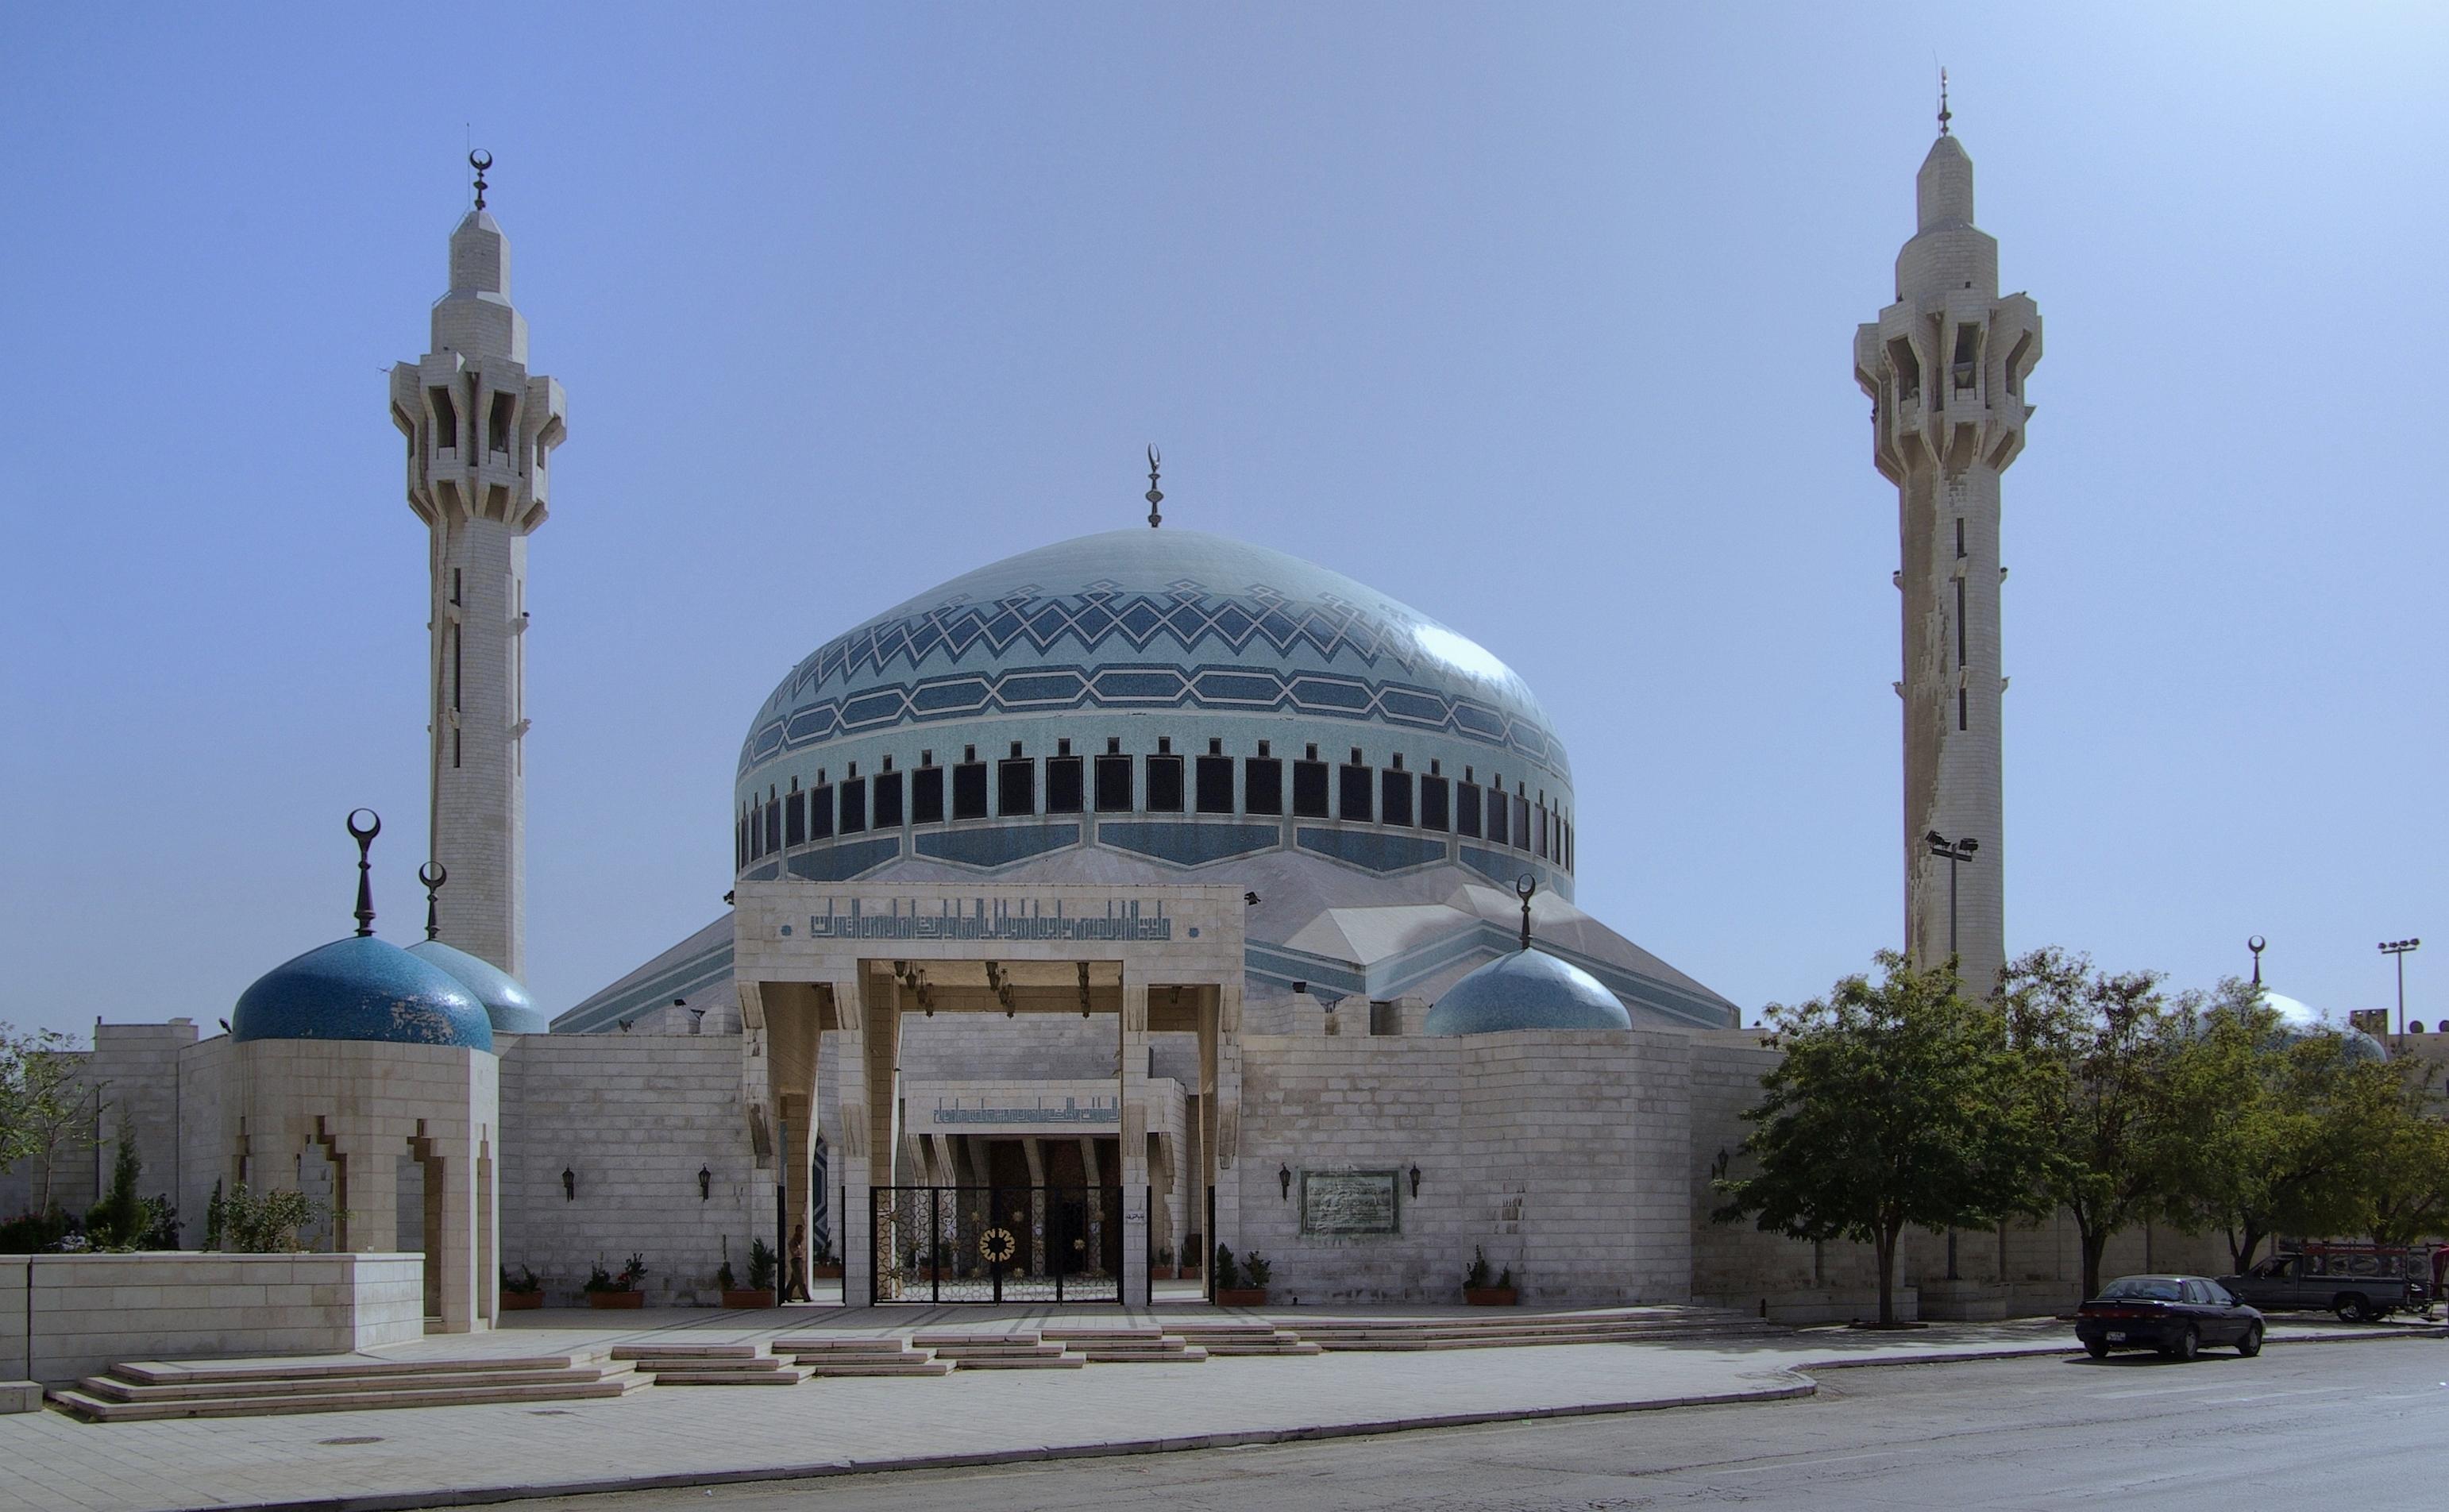 التعريف بالاردن كبلد سياحي المعلومات Amman_BW_29.JPG